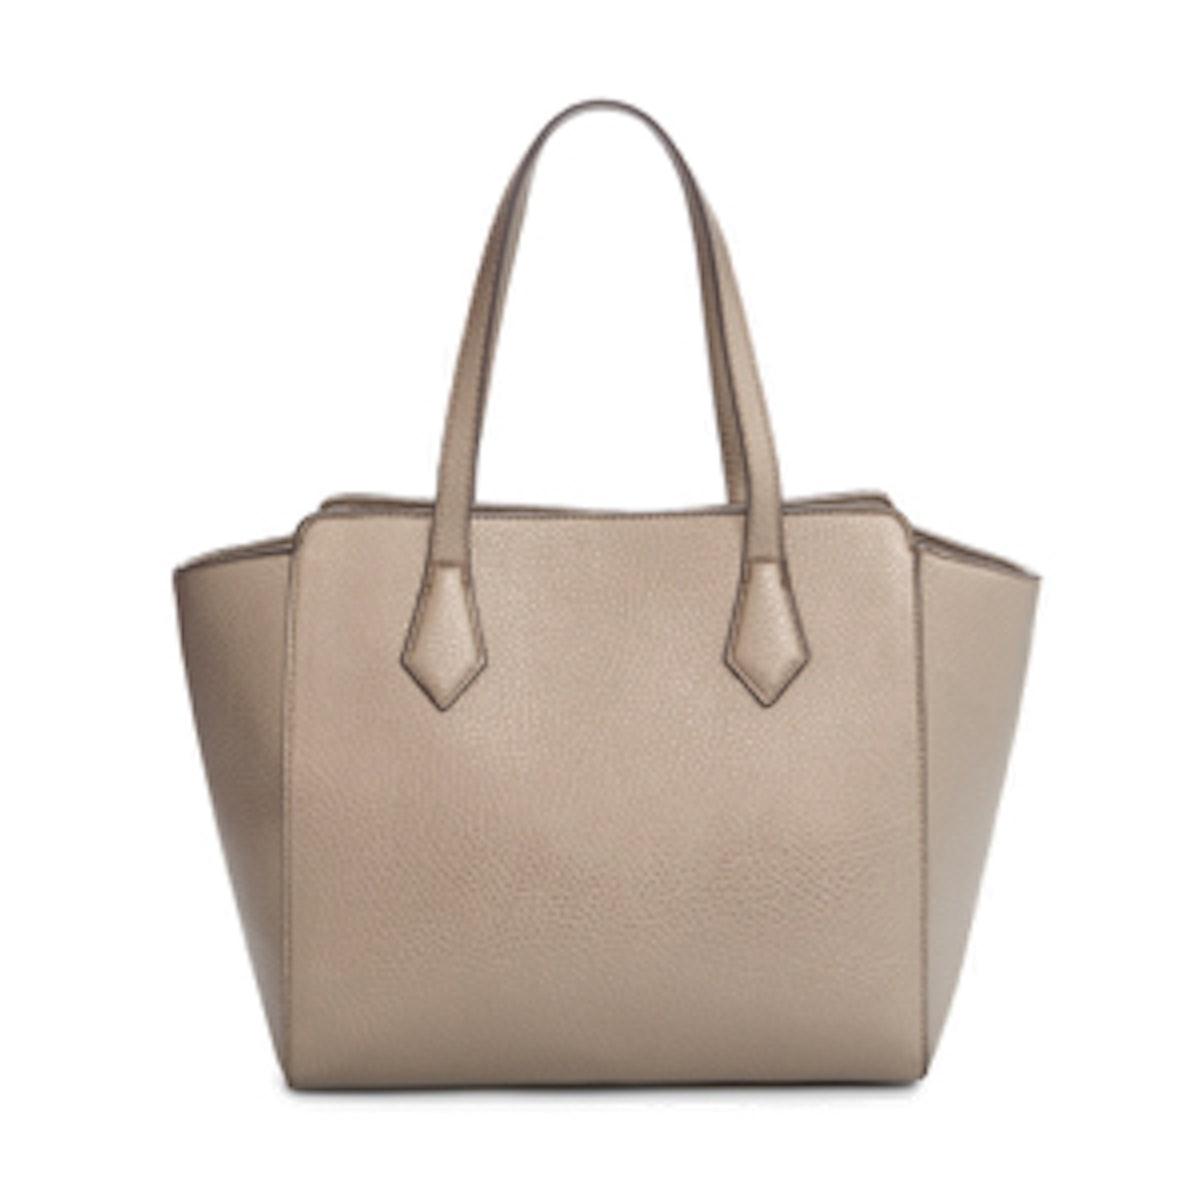 Pebbled Tote Bag